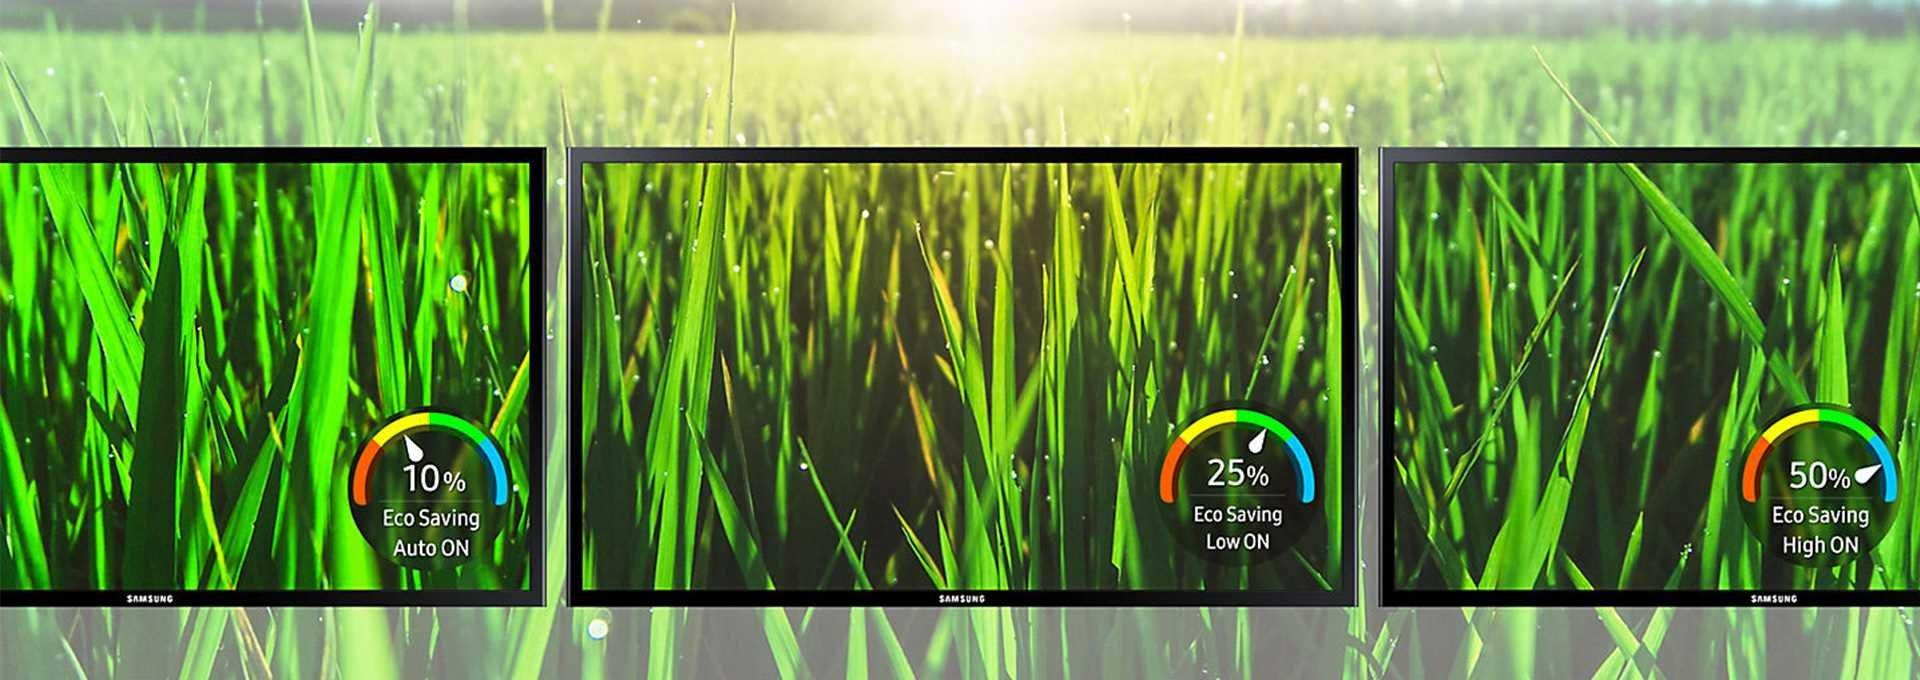 Samsung Technologies под экологической маркой